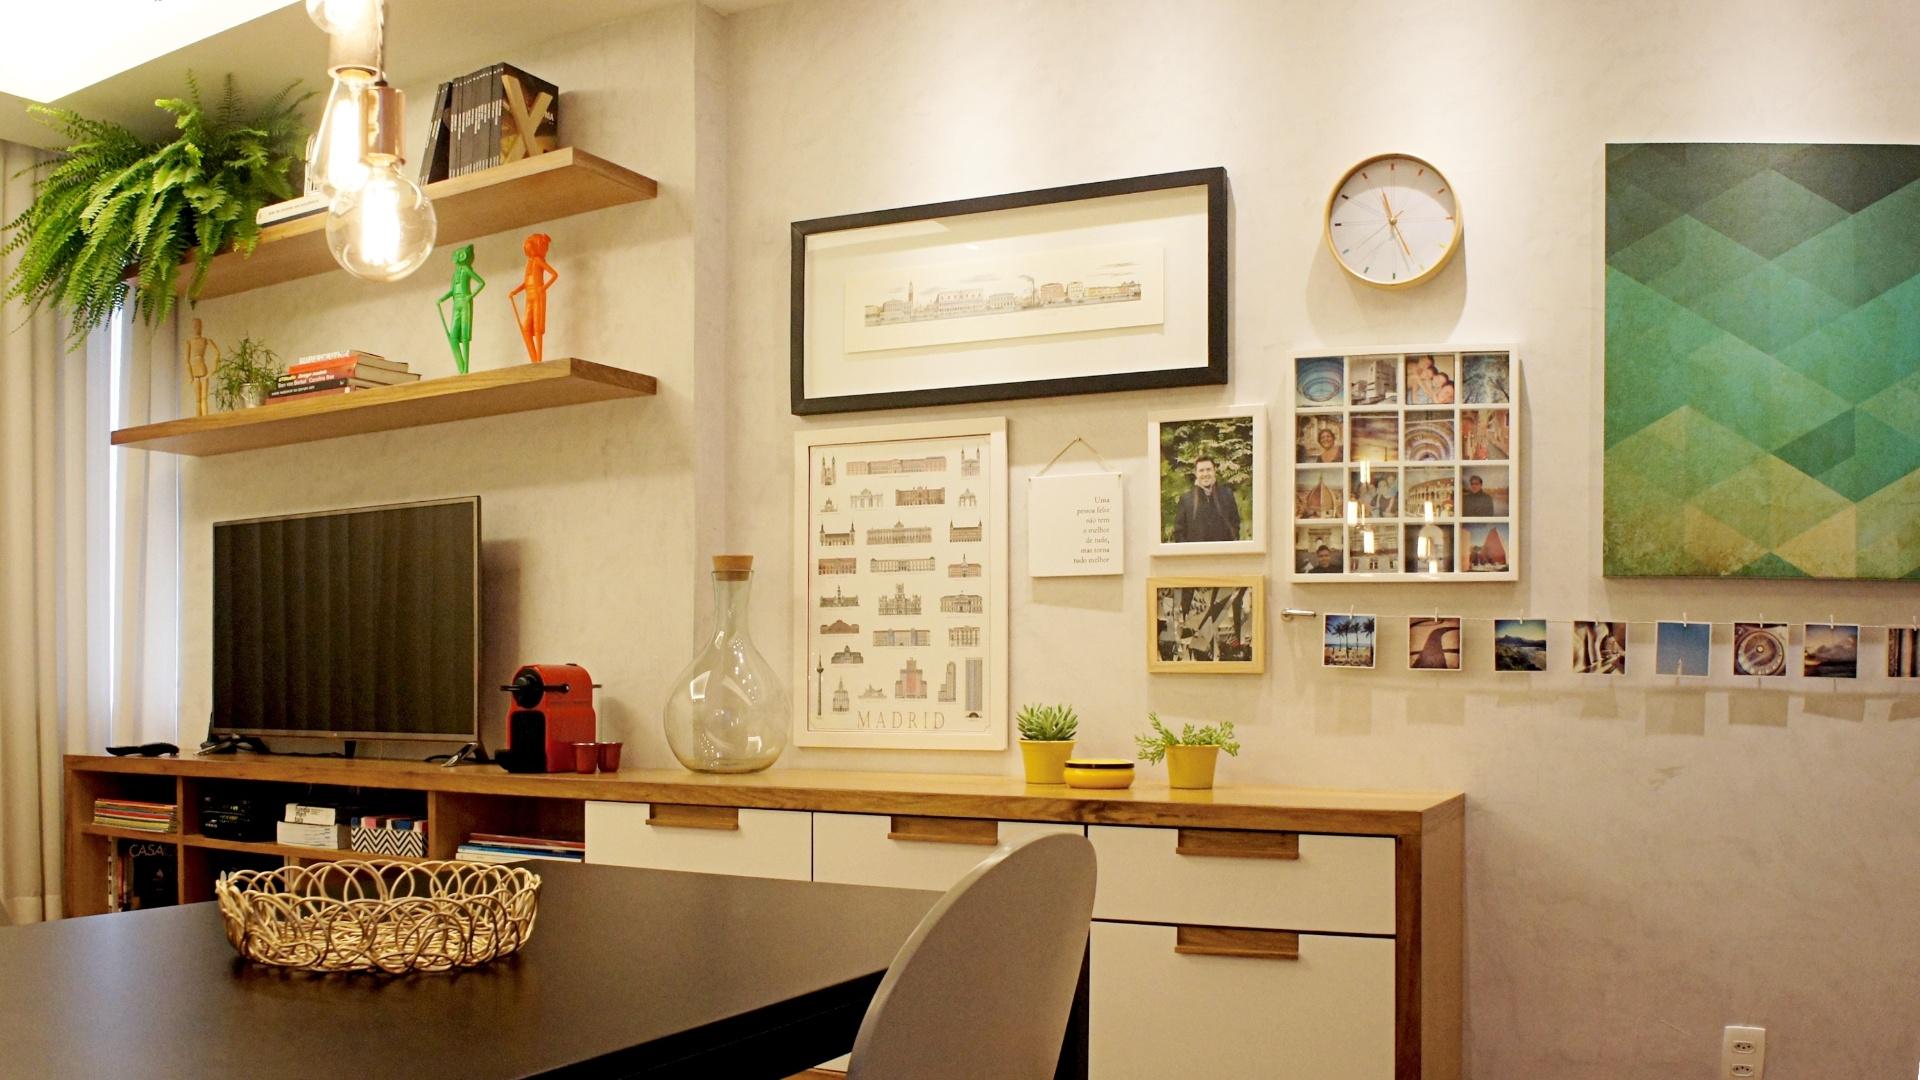 O ponto alto do apartamento em Copacabana, idealizado pelo arquiteto Fabiano Ravaglia do escritório Ravaglia & Philot, é a marcenaria (Hipólito Marcenaria) executada sob projeto. O móvel linear valoriza o caráter longilíneo da sala. Multiuso, tem estrutura em freijó com portas e frentes de gavetas laqueadas. Um cantinho foi reservado para a galeria que reúne quadros e fotos (à dir.). Destaque para o varal de cabo de aço e para as molduras desmontáveis, que permitem a mudança das obras sempre que desejado